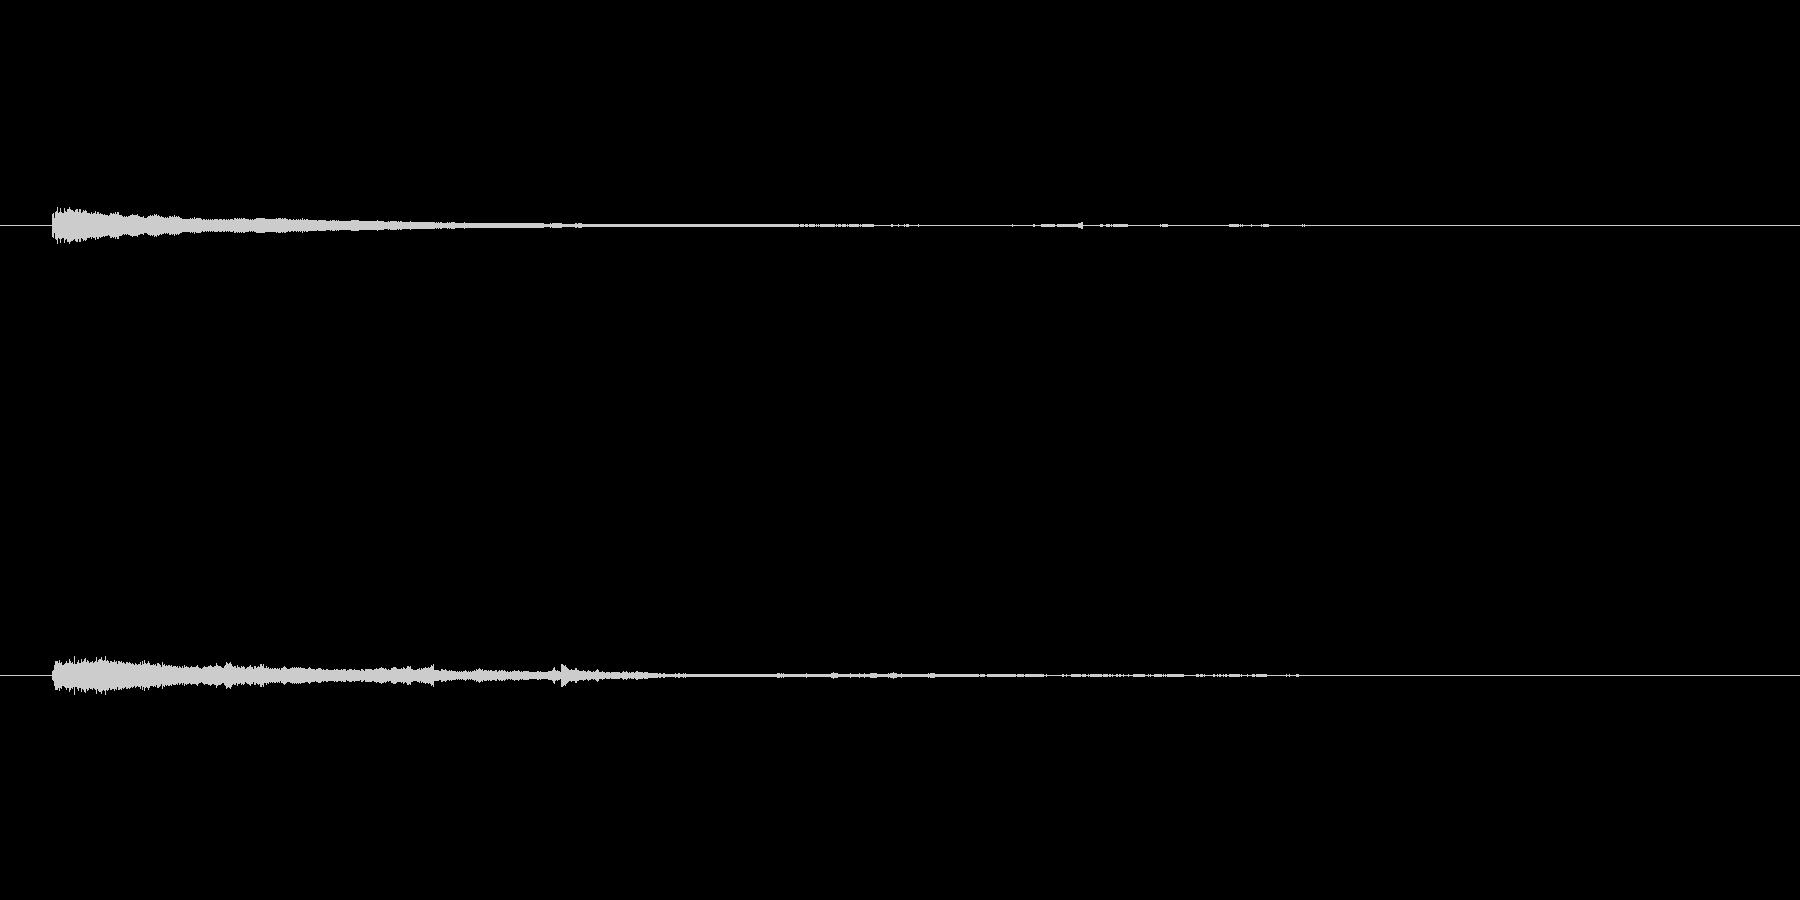 シンセコードによるサウンドロゴ3の未再生の波形